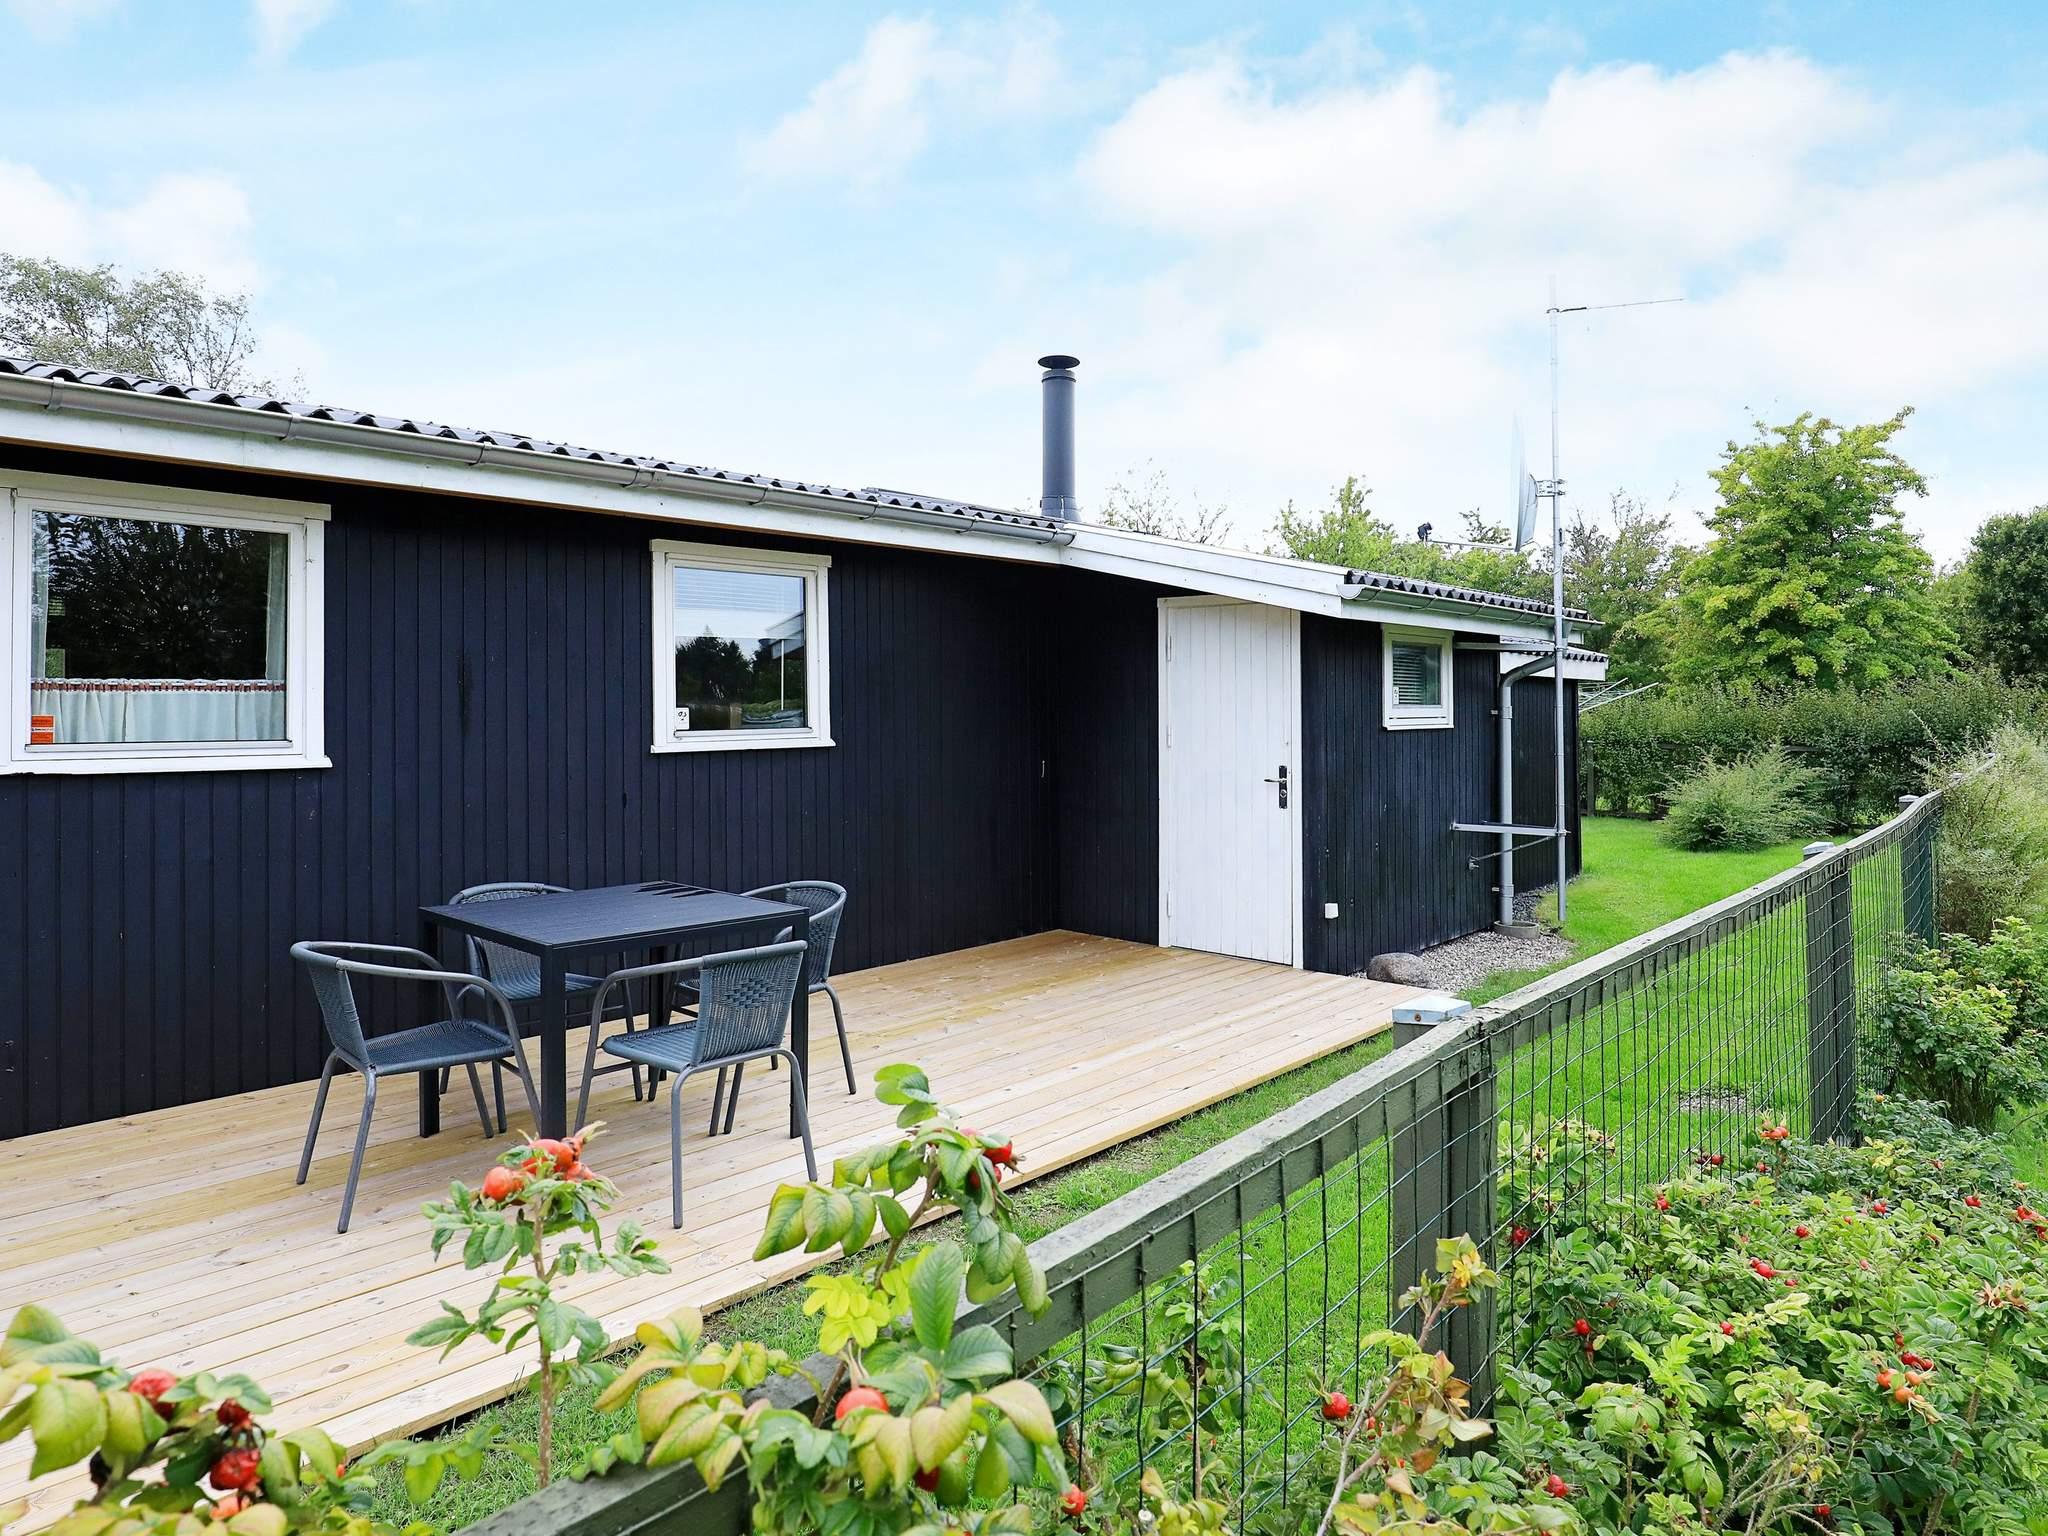 Ferienhaus Hummingen (87269), Hummingen, , Lolland, Dänemark, Bild 20